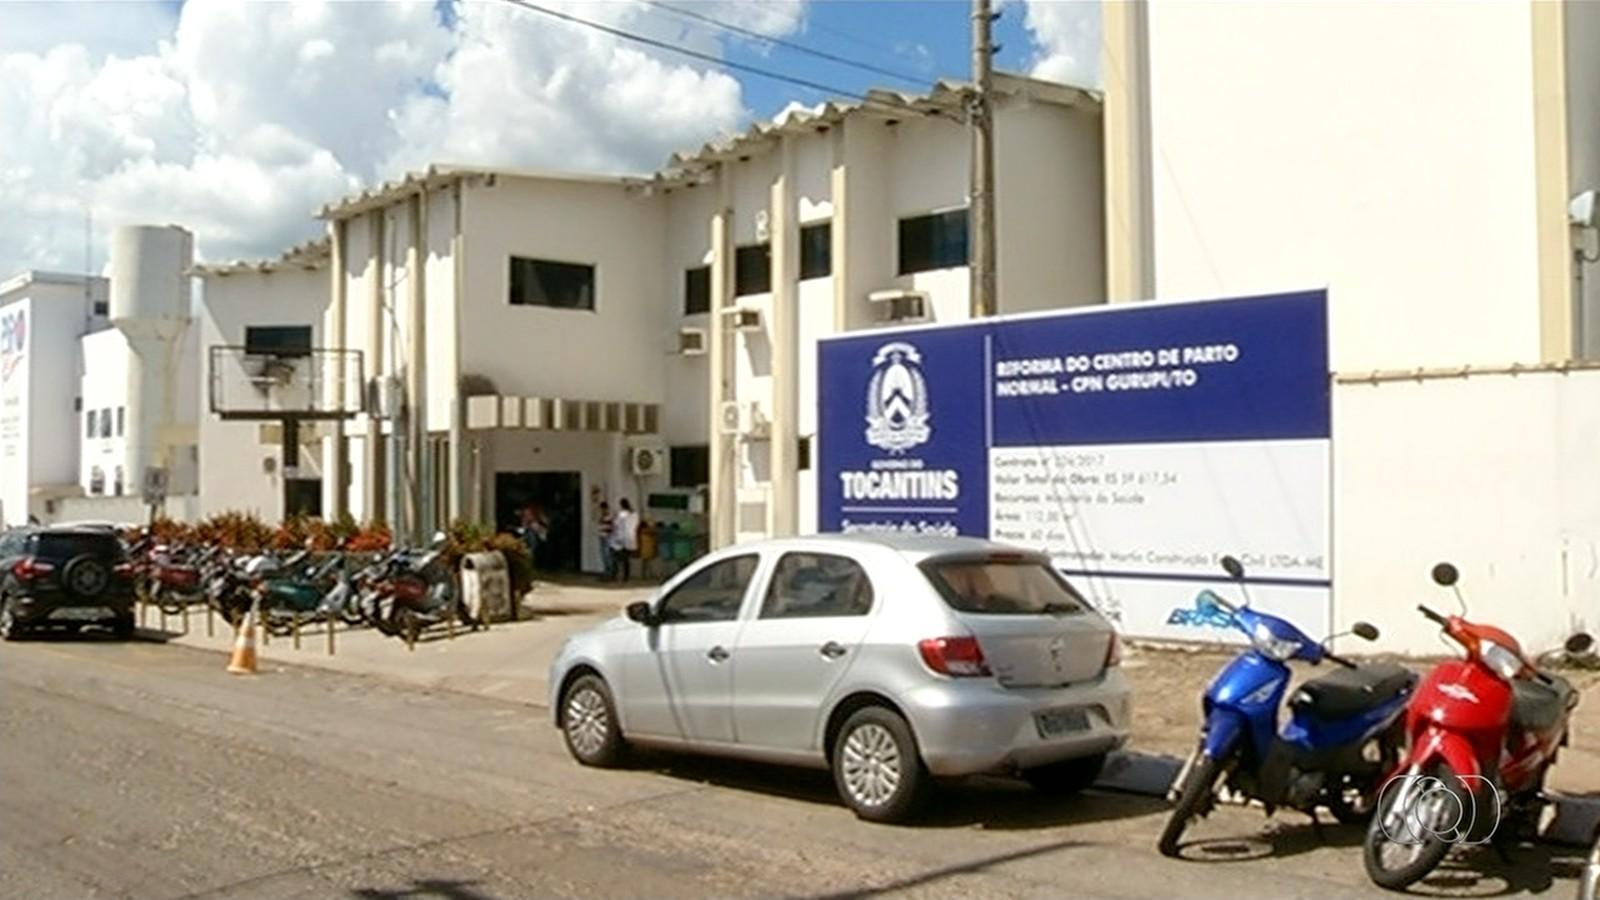 Prefeitura proíbe funerárias de abordar parentes de pacientes em hospitais de Gurupi